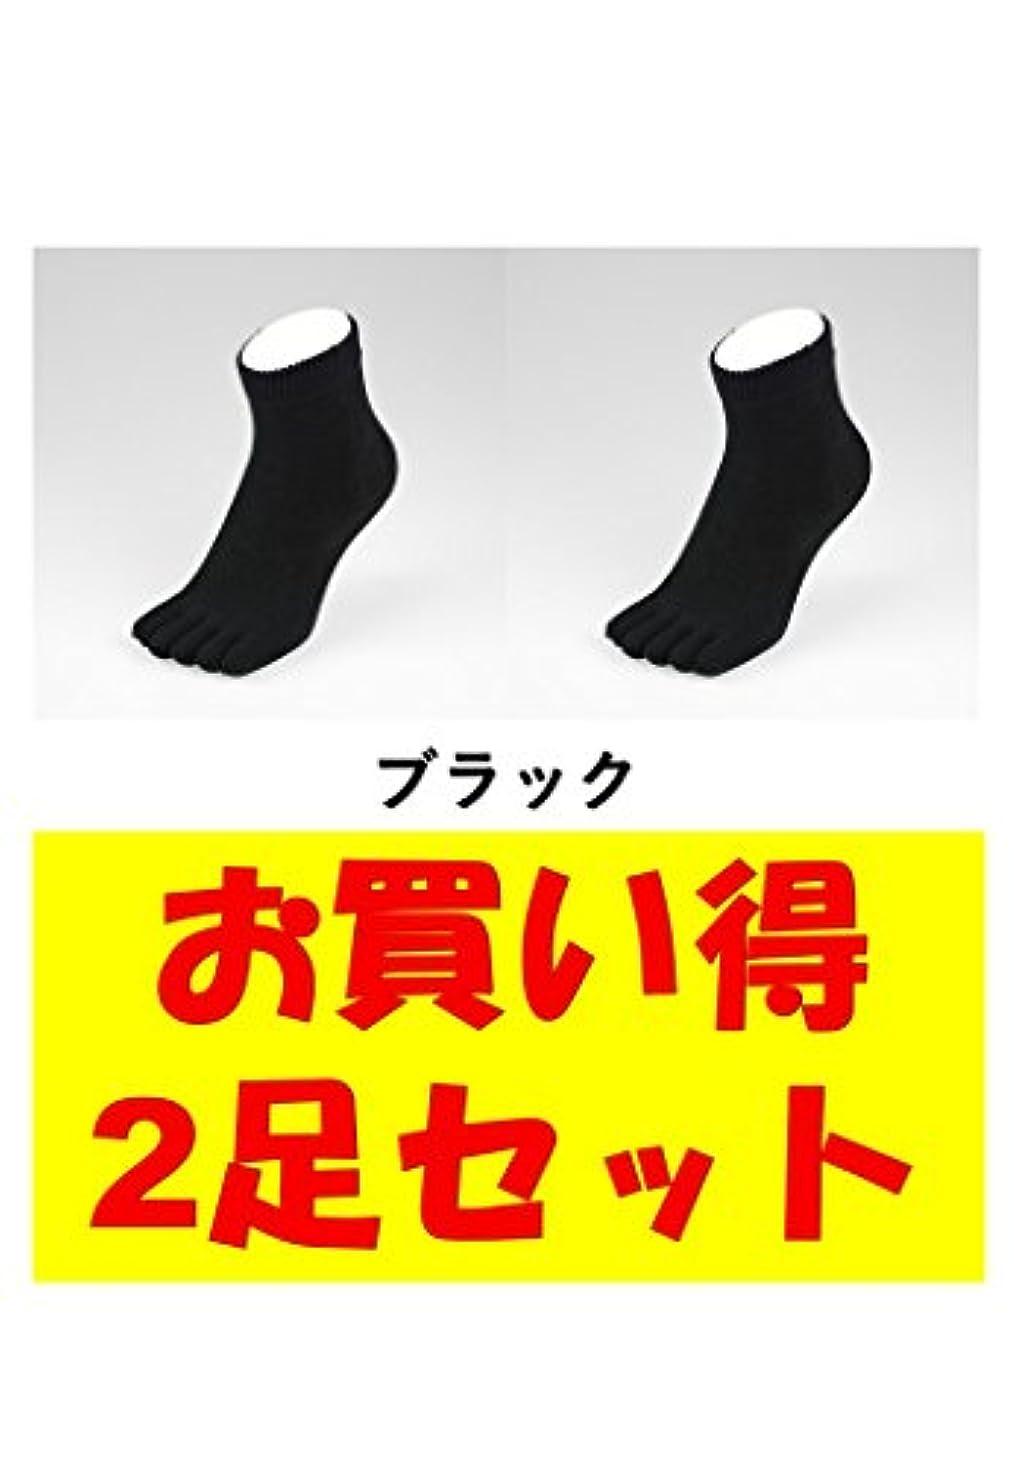 邪魔する浮浪者出会いお買い得2足セット 5本指 ゆびのばソックス Neo EVE(イヴ) ブラック iサイズ(23.5cm - 25.5cm) YSNEVE-BLK